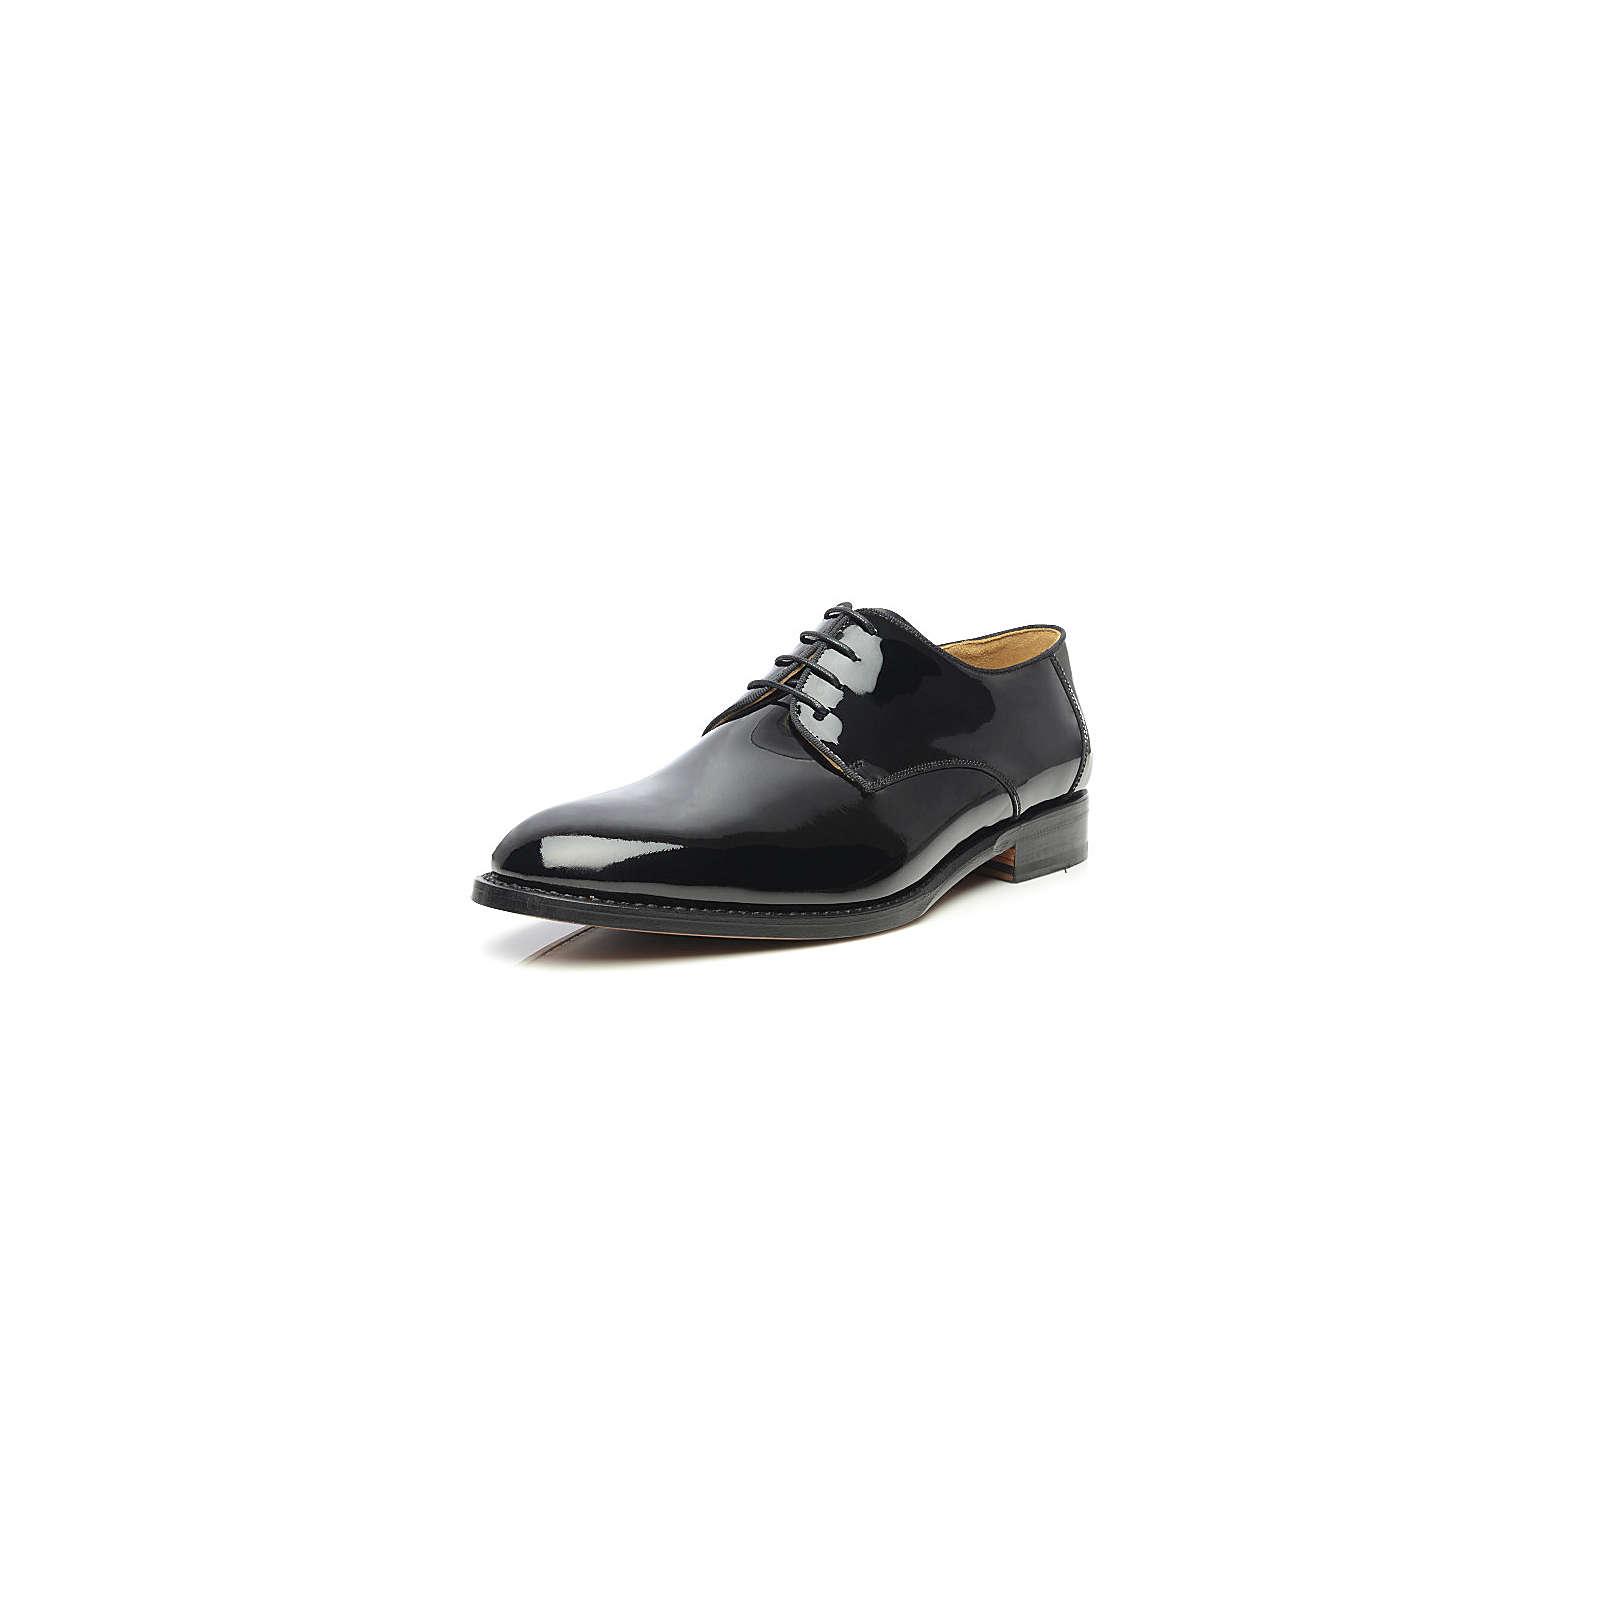 SHOEPASSION No. 570 Business Schuhe schwarz Herren Gr. 41